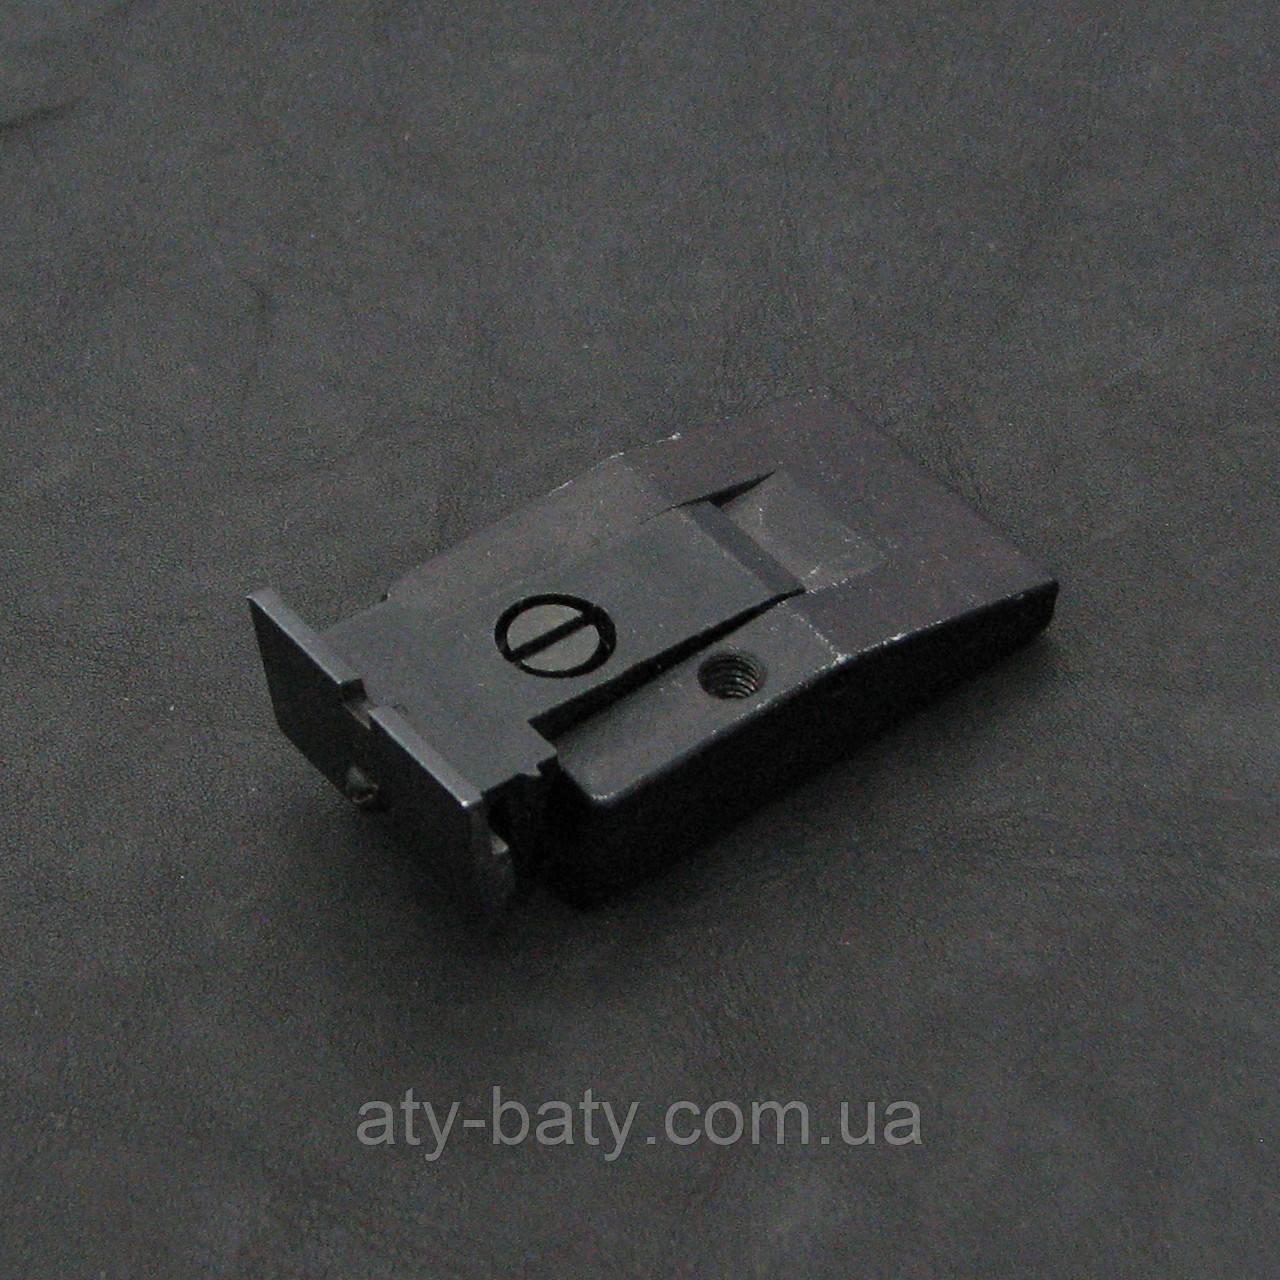 Прицельная планка для МР-651 (Корнет)